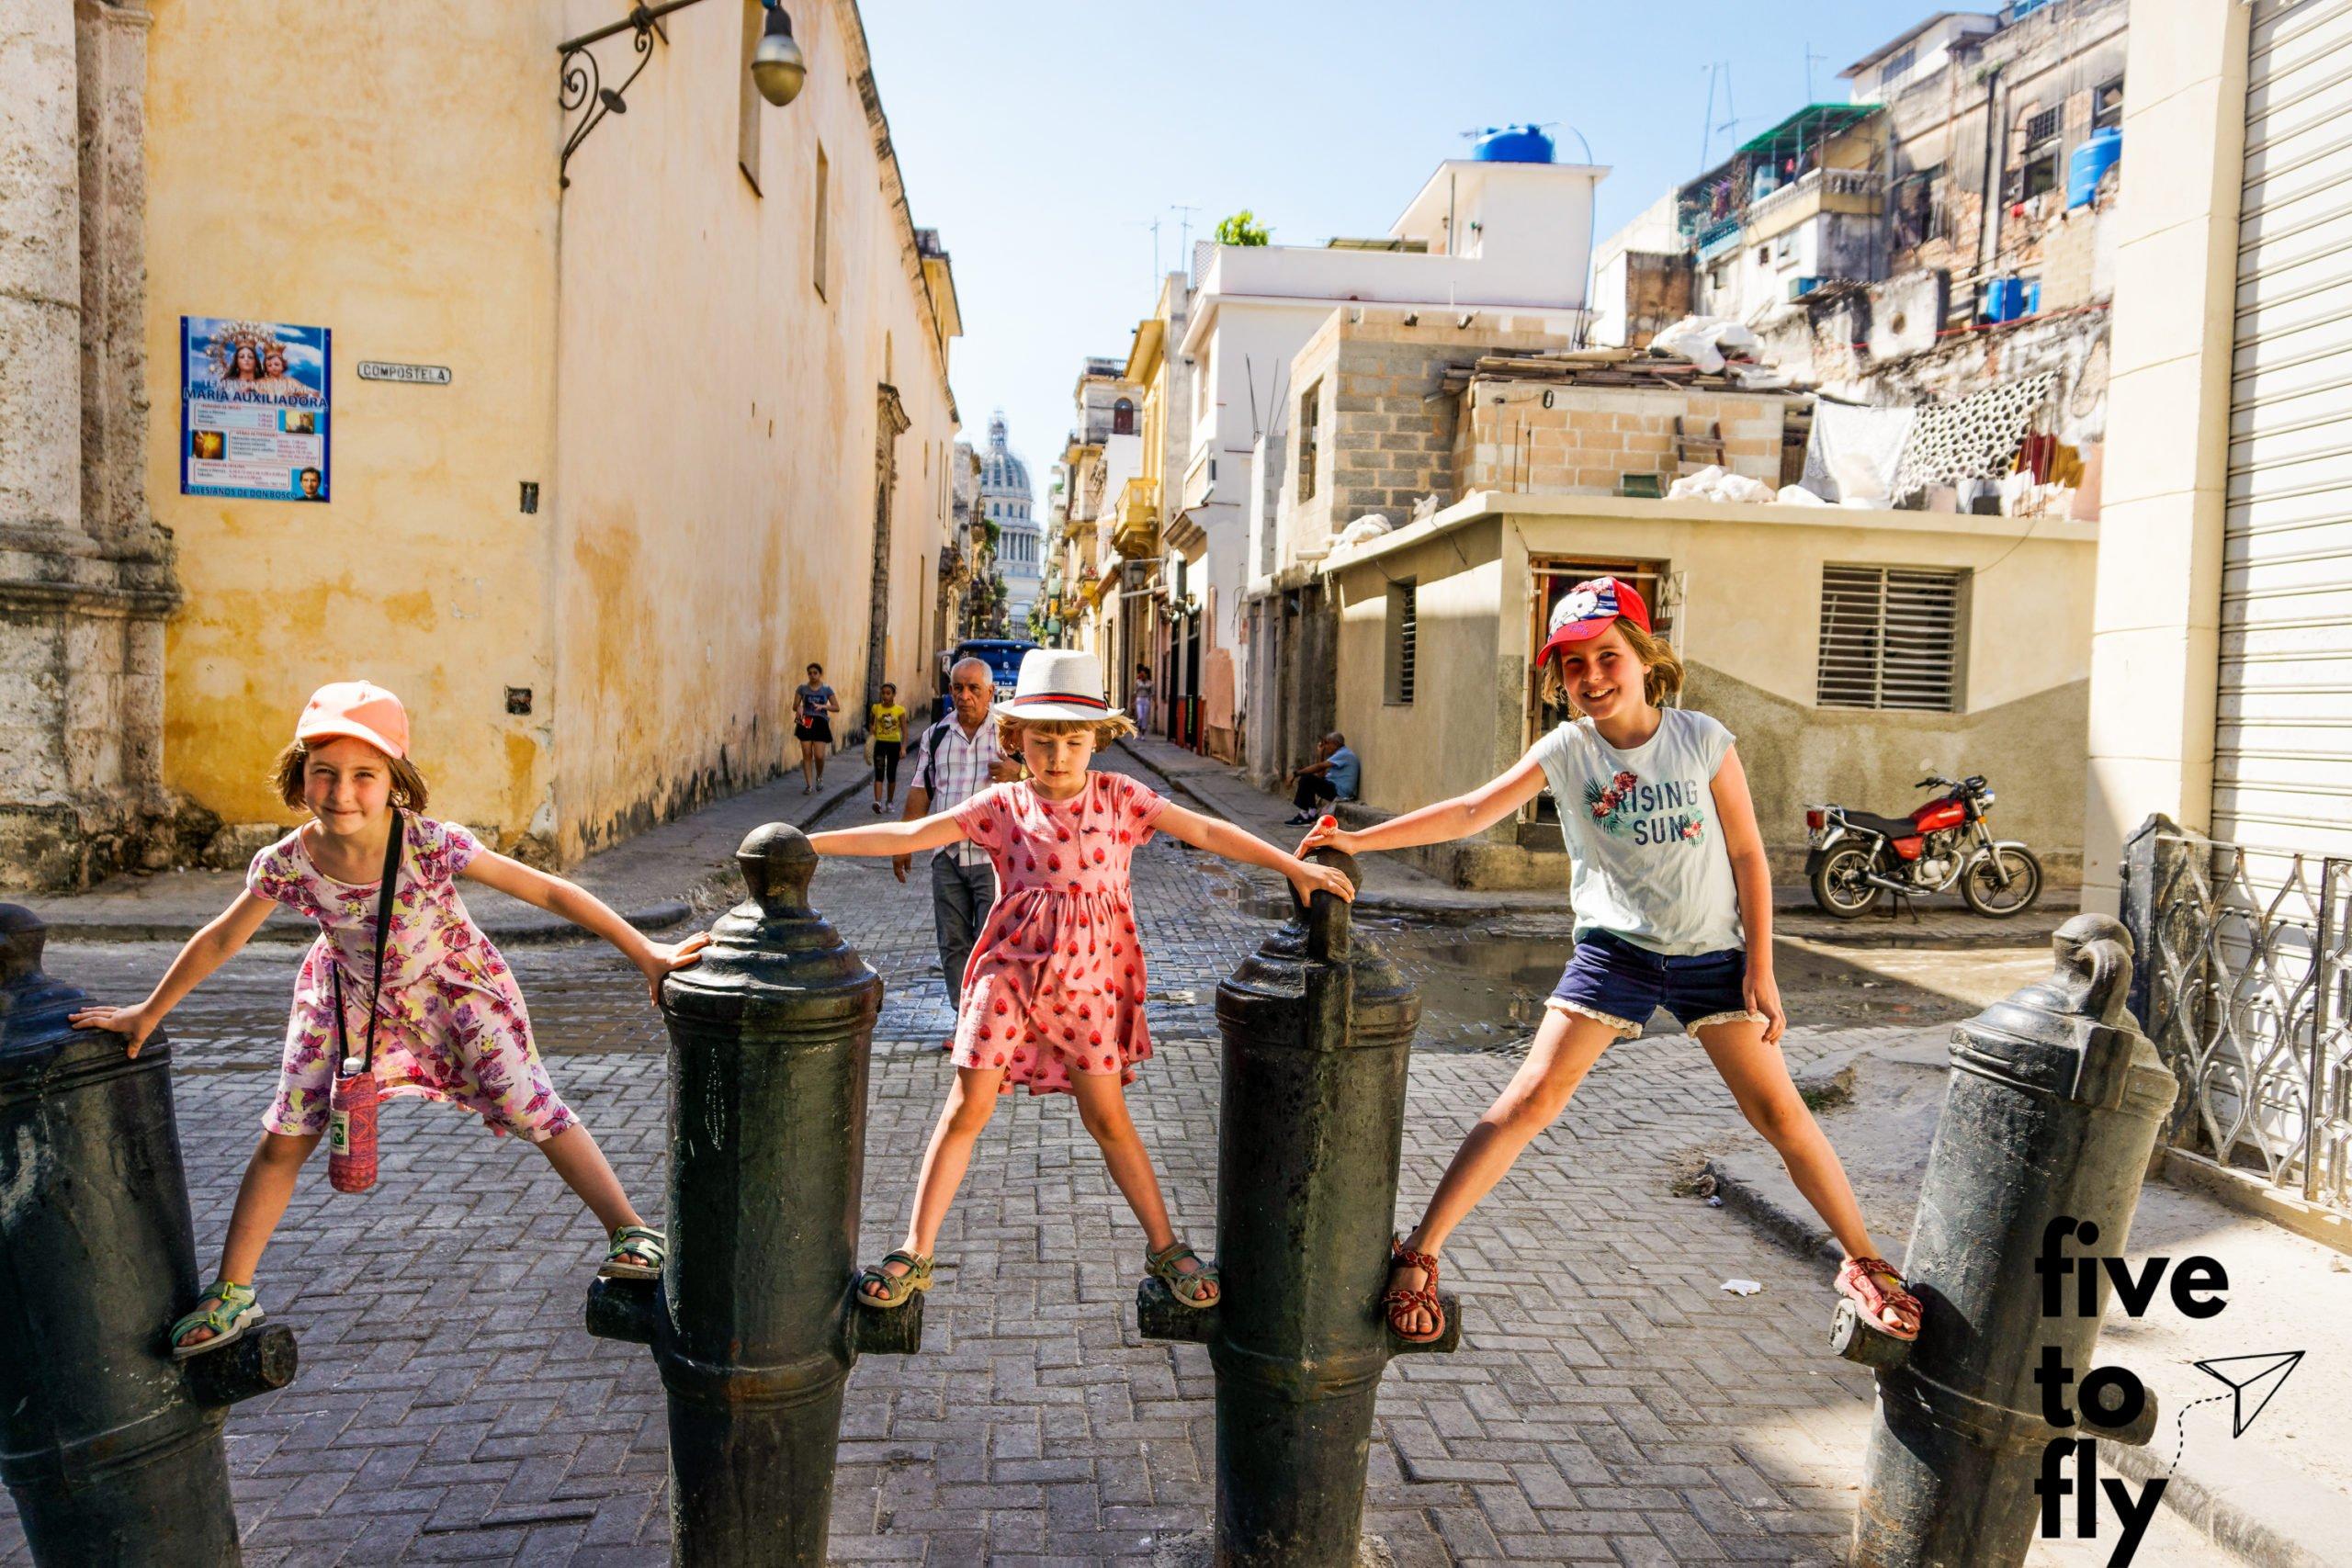 Atrakcje Hawany - armaty na ulicy